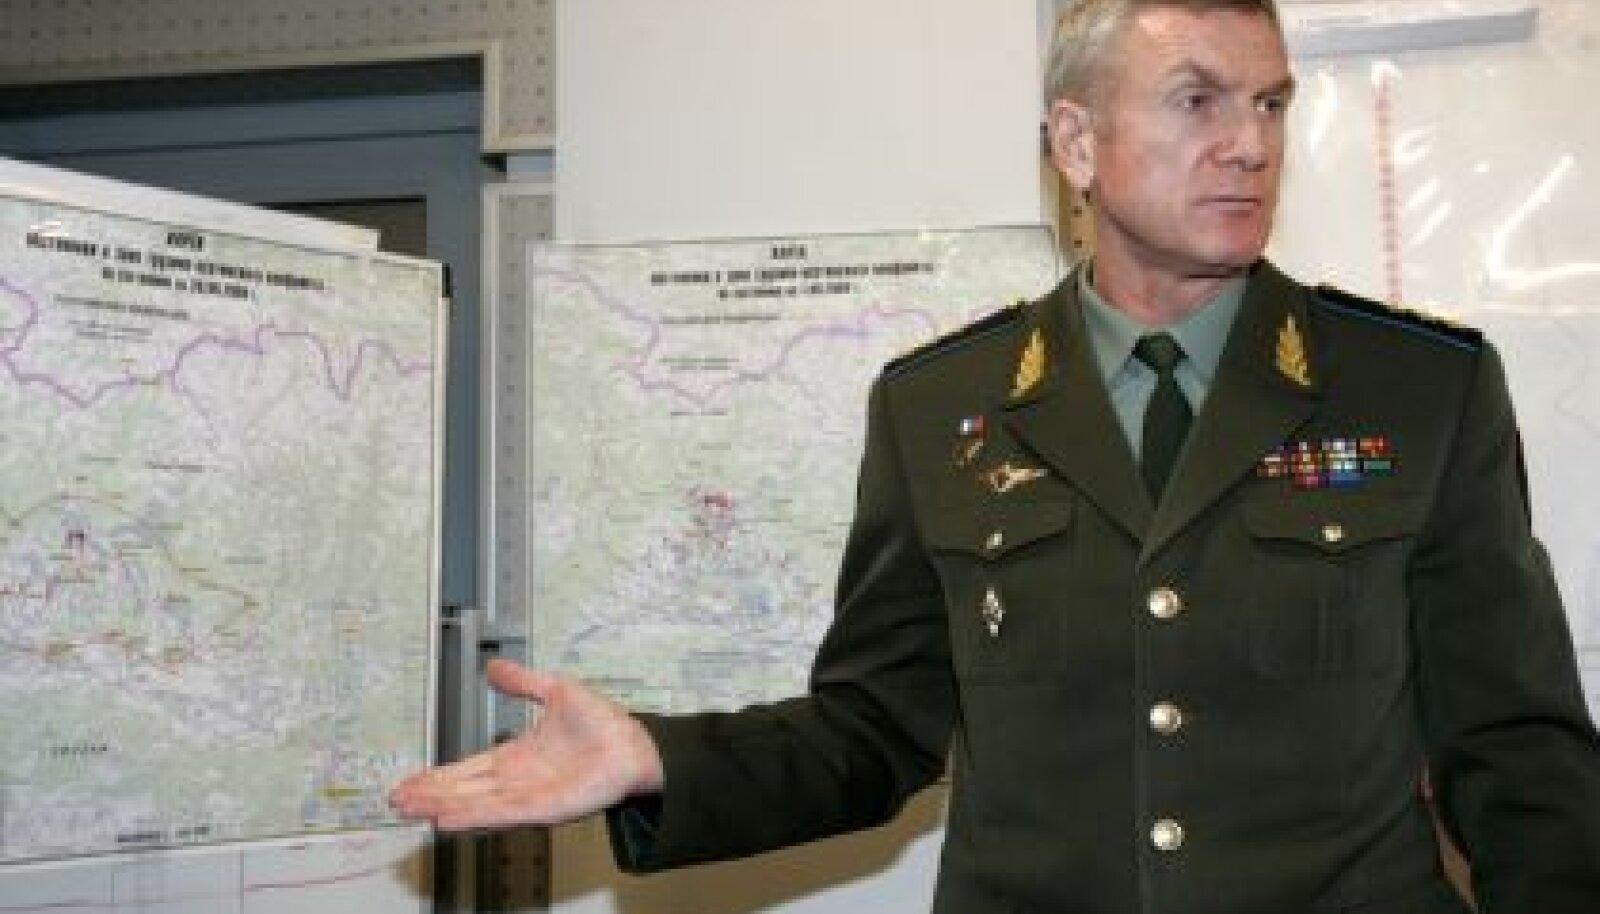 Venemaa kindralstaabi ülema asetäitja kindralpolkovnik Anatoli Nogovitsõn